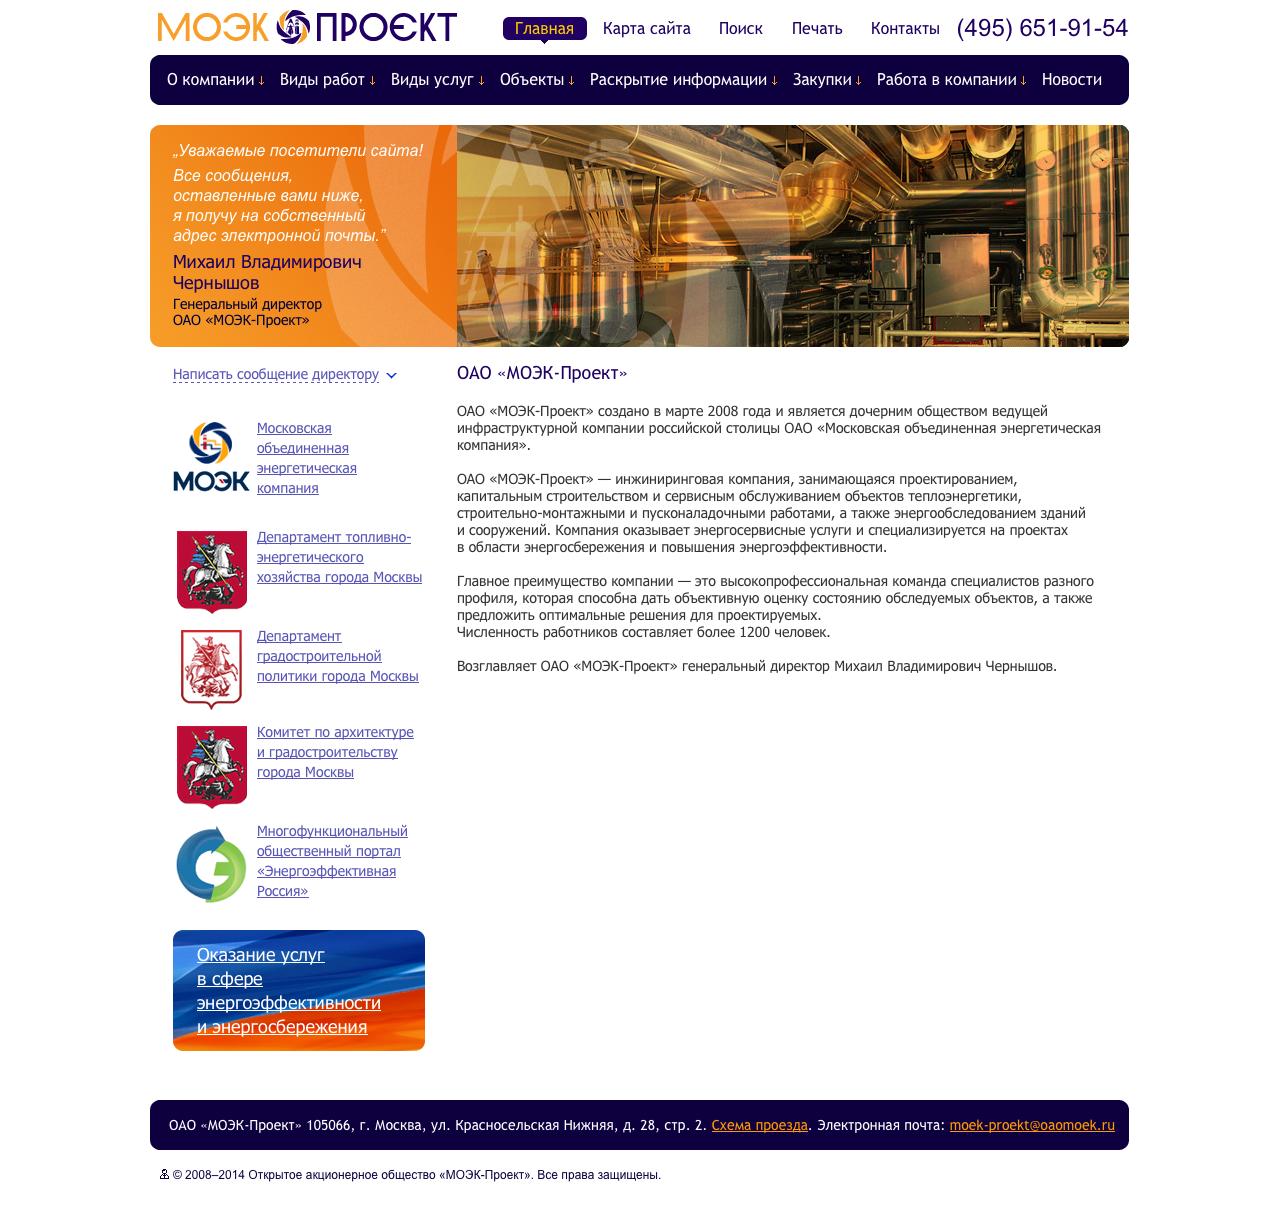 Официальный сайт московской теплосетевой компании продвижение сайтов с малым контентом